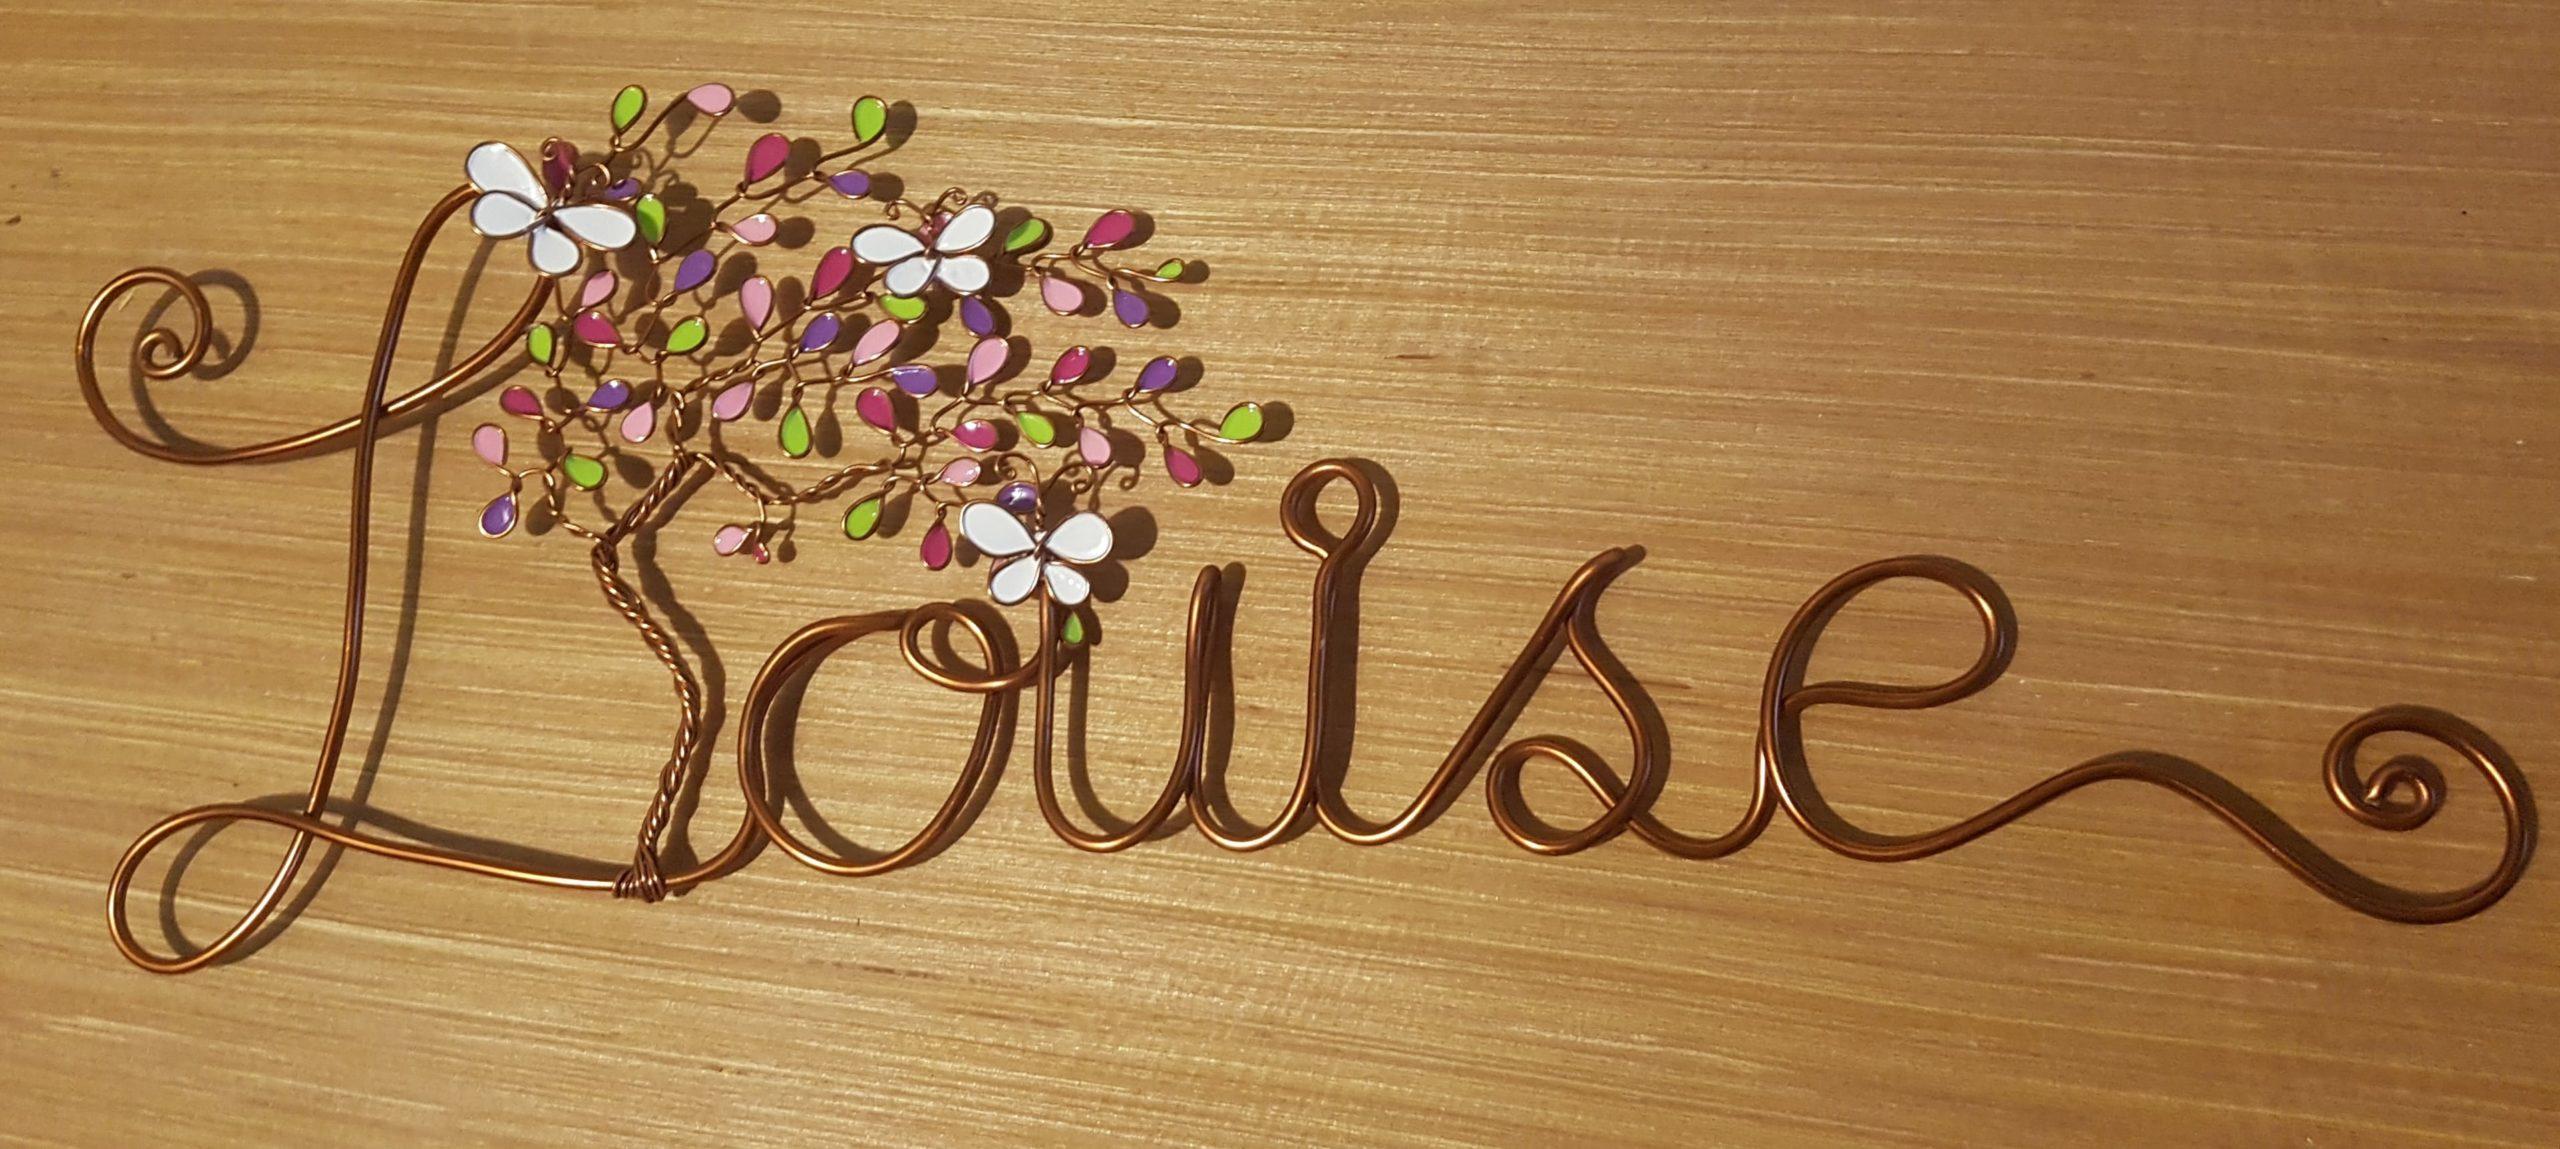 """""""Louise"""" cuivré – Feuilles verte violettes et roses – Papillons blancs"""